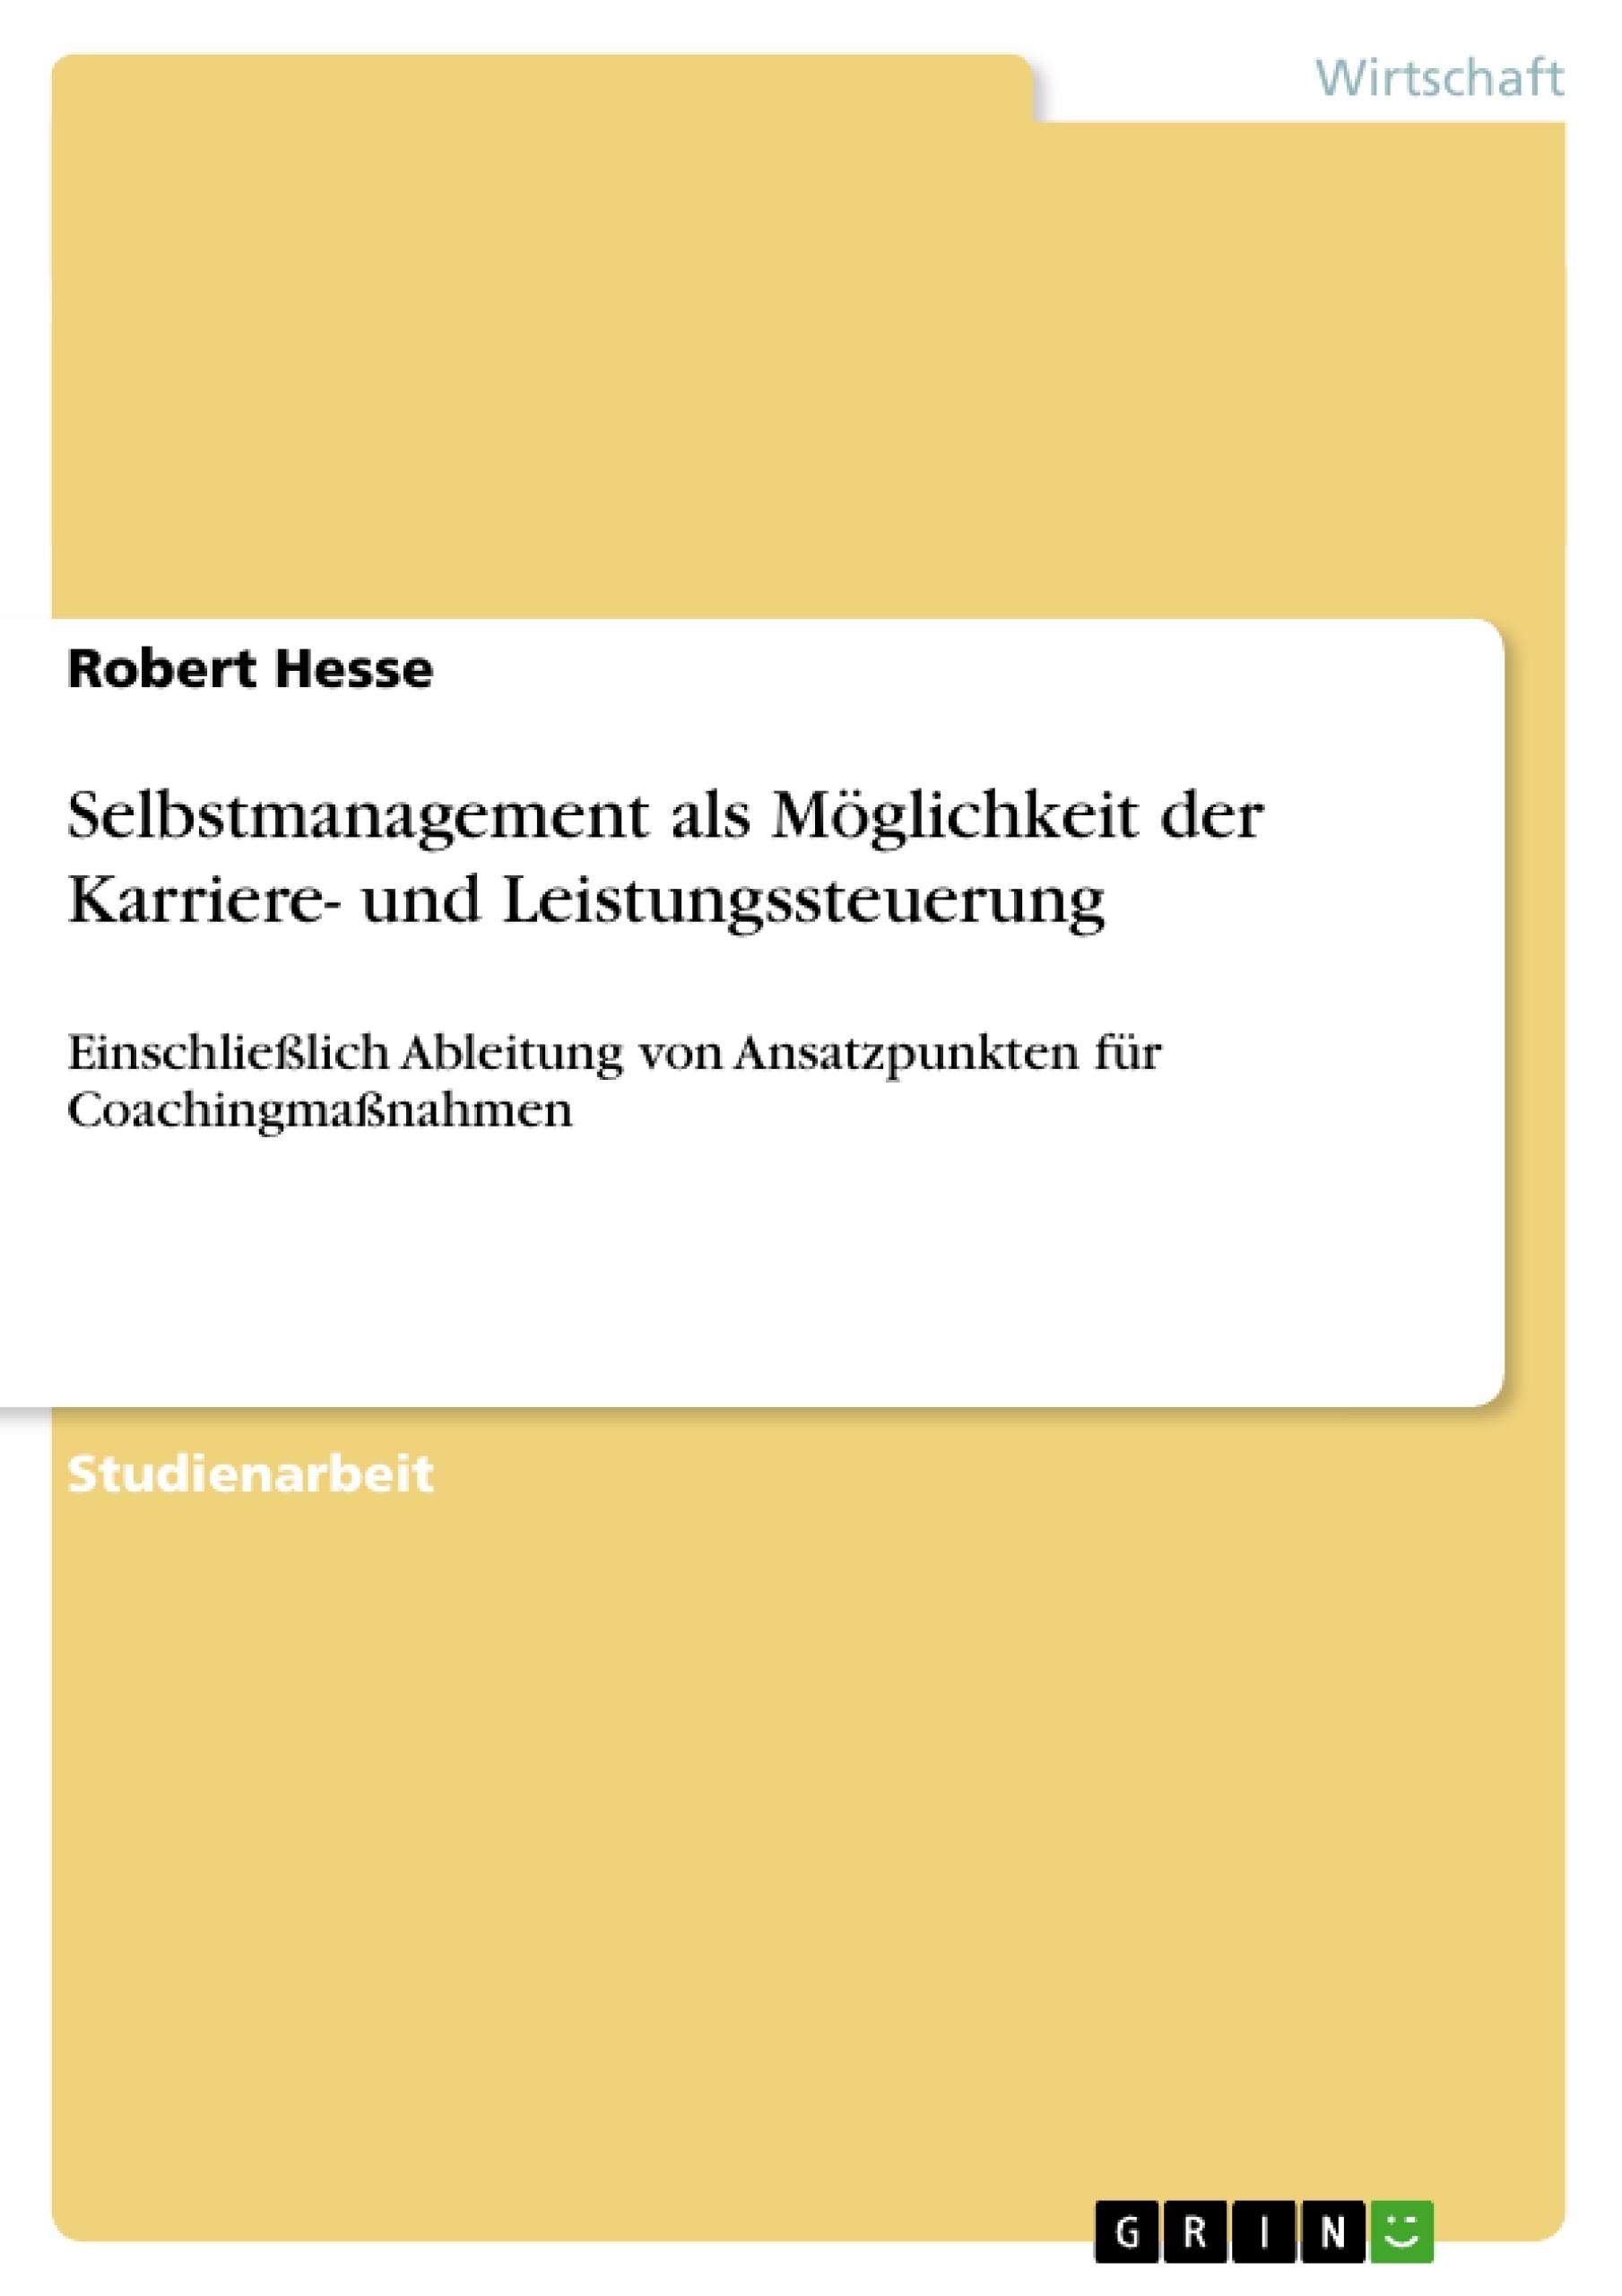 Titel: Selbstmanagement als Möglichkeit der Karriere- und Leistungssteuerung